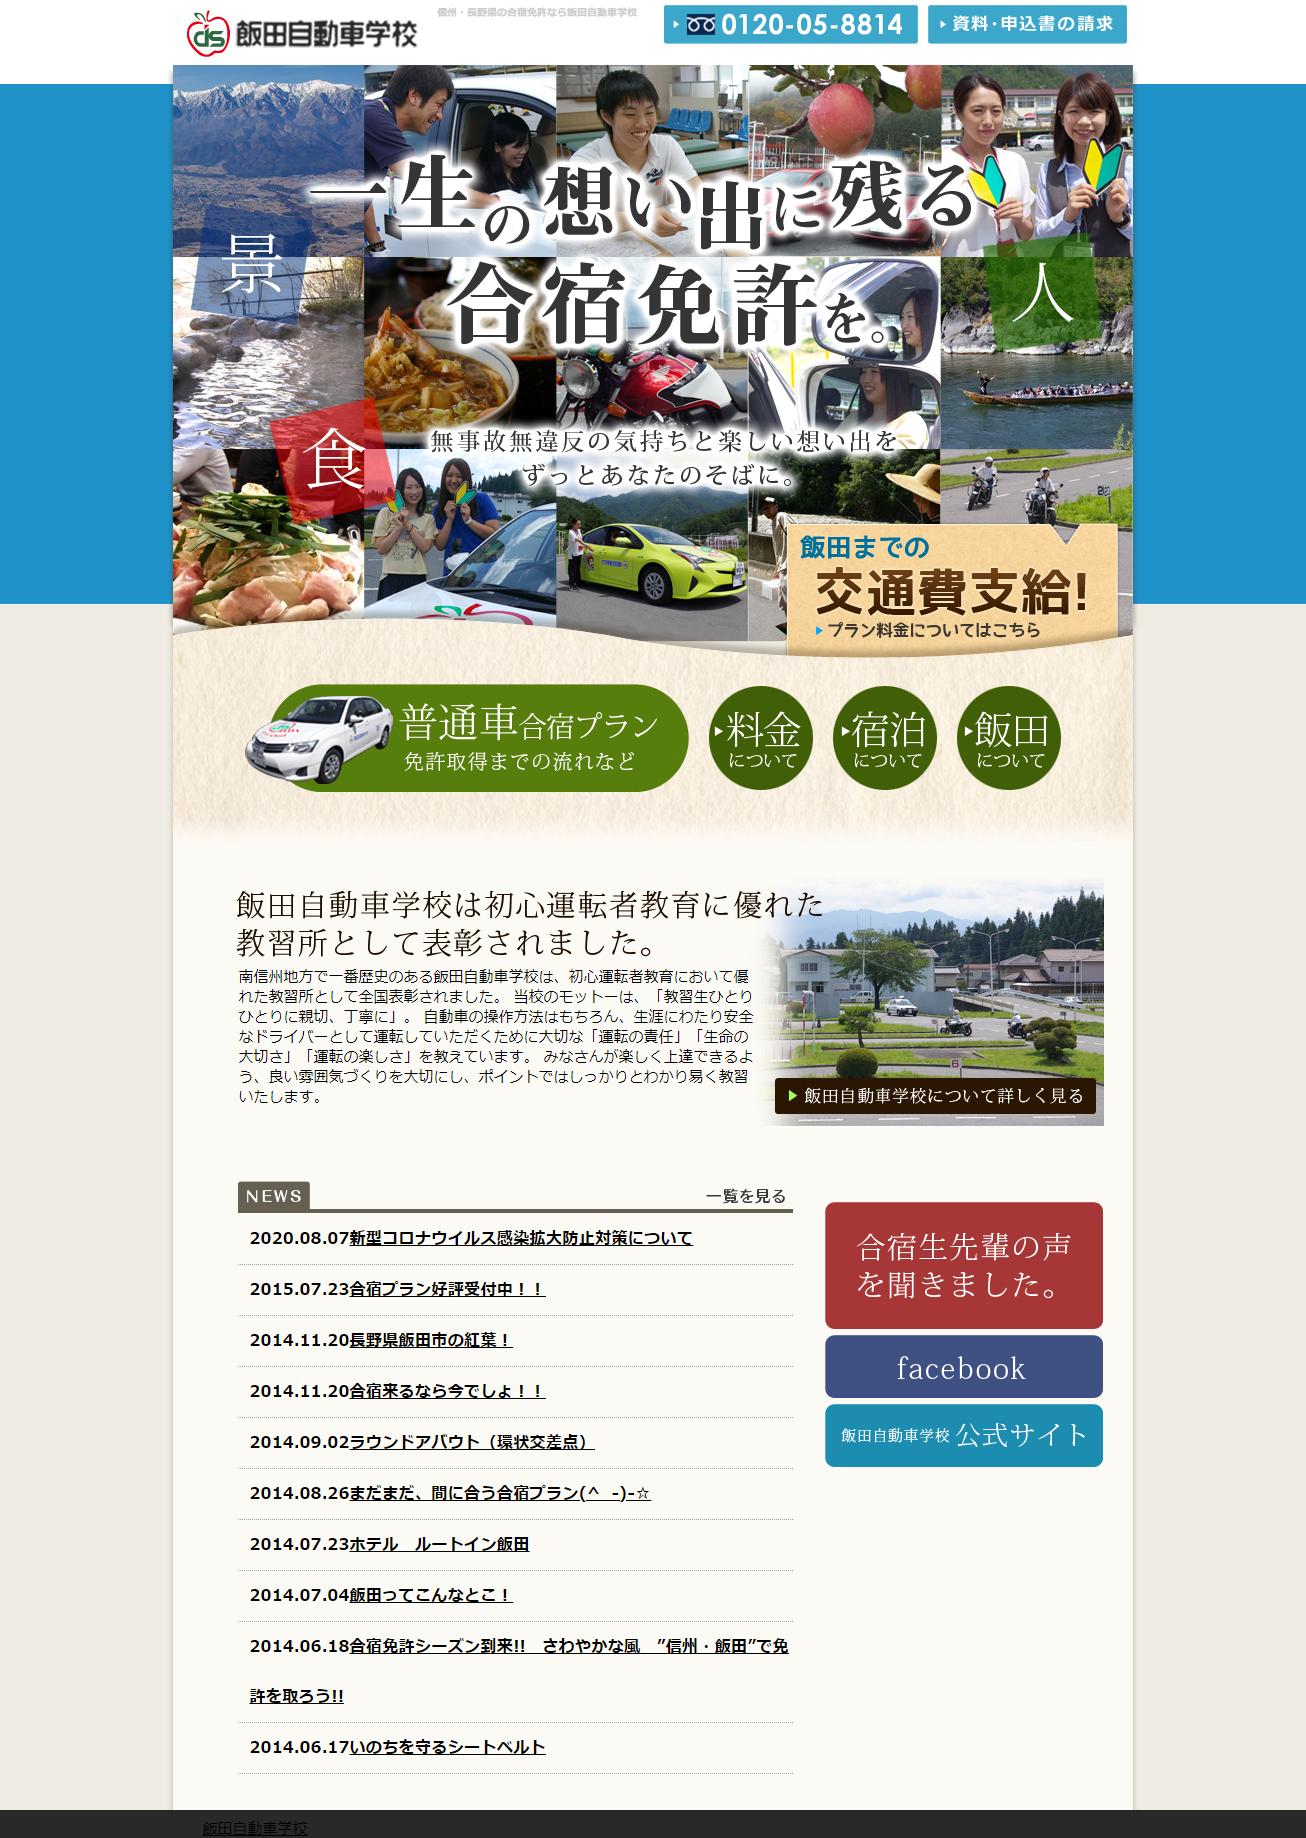 ホームページ制作 飯田自動車学校様 合宿サイト